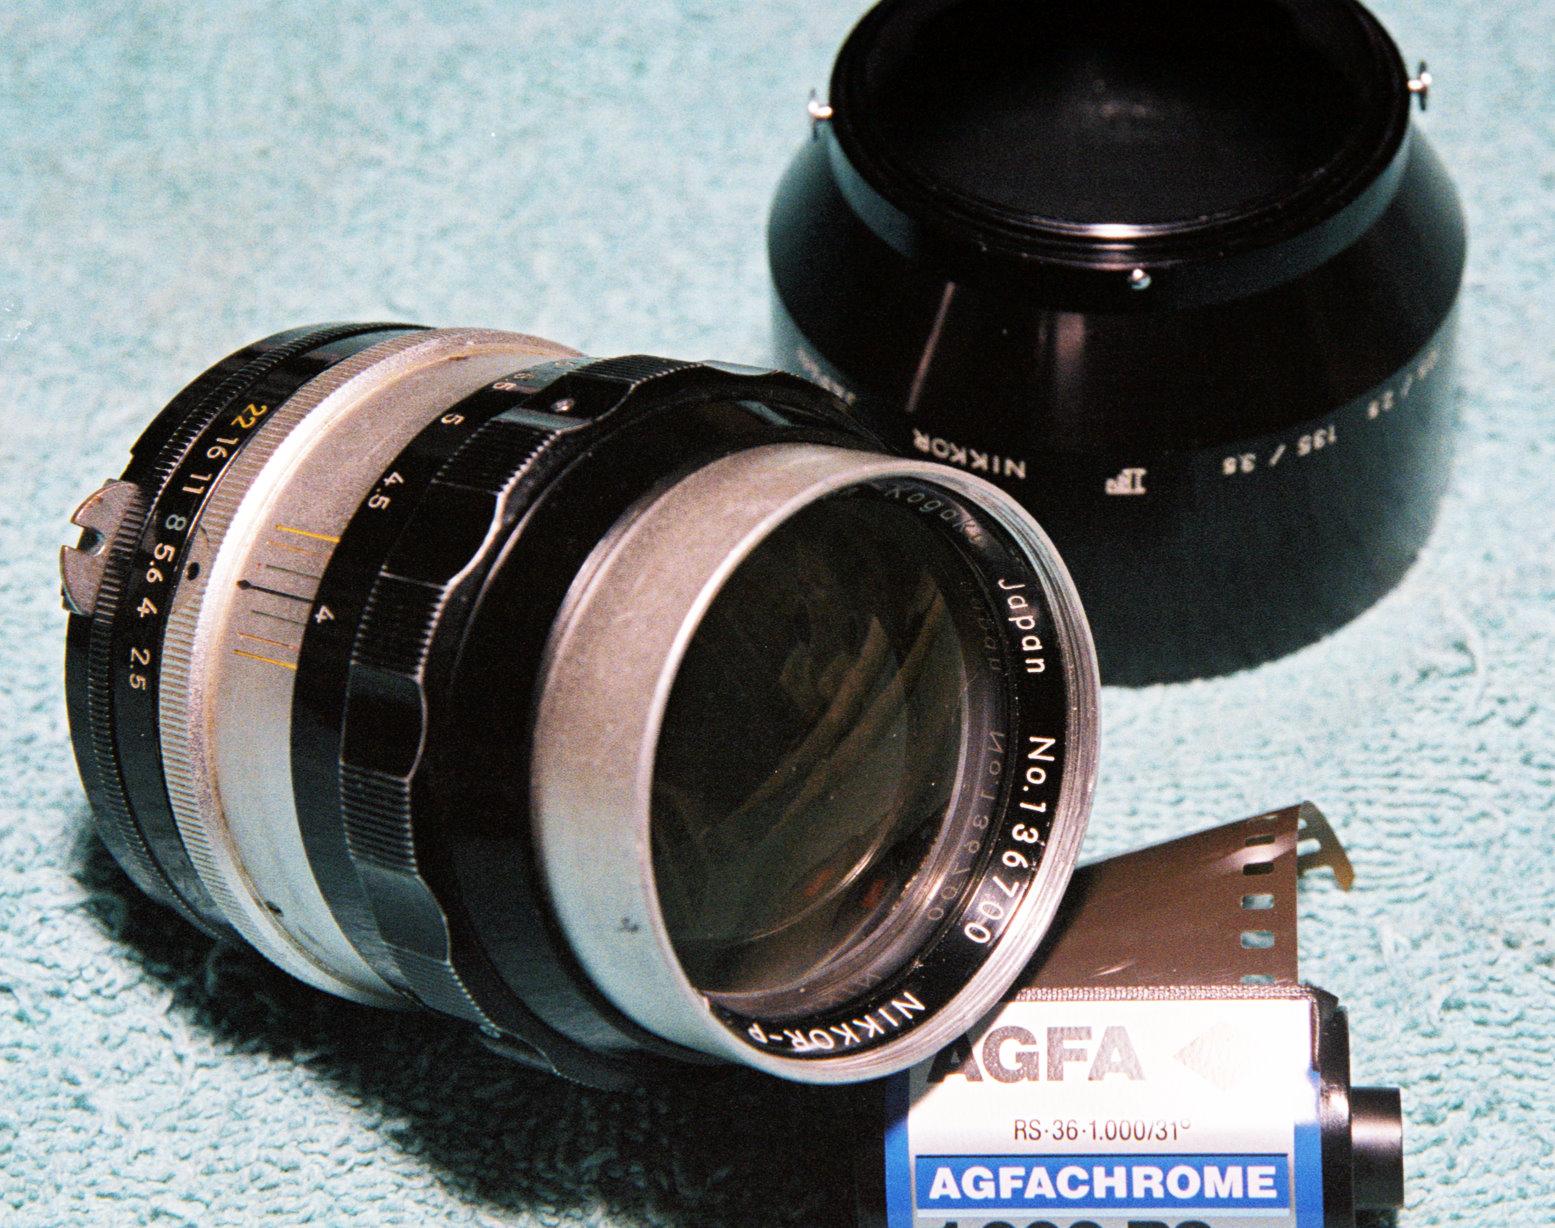 28DDA86B-B2AD-437A-B8DE-17523E76CA47.jpeg